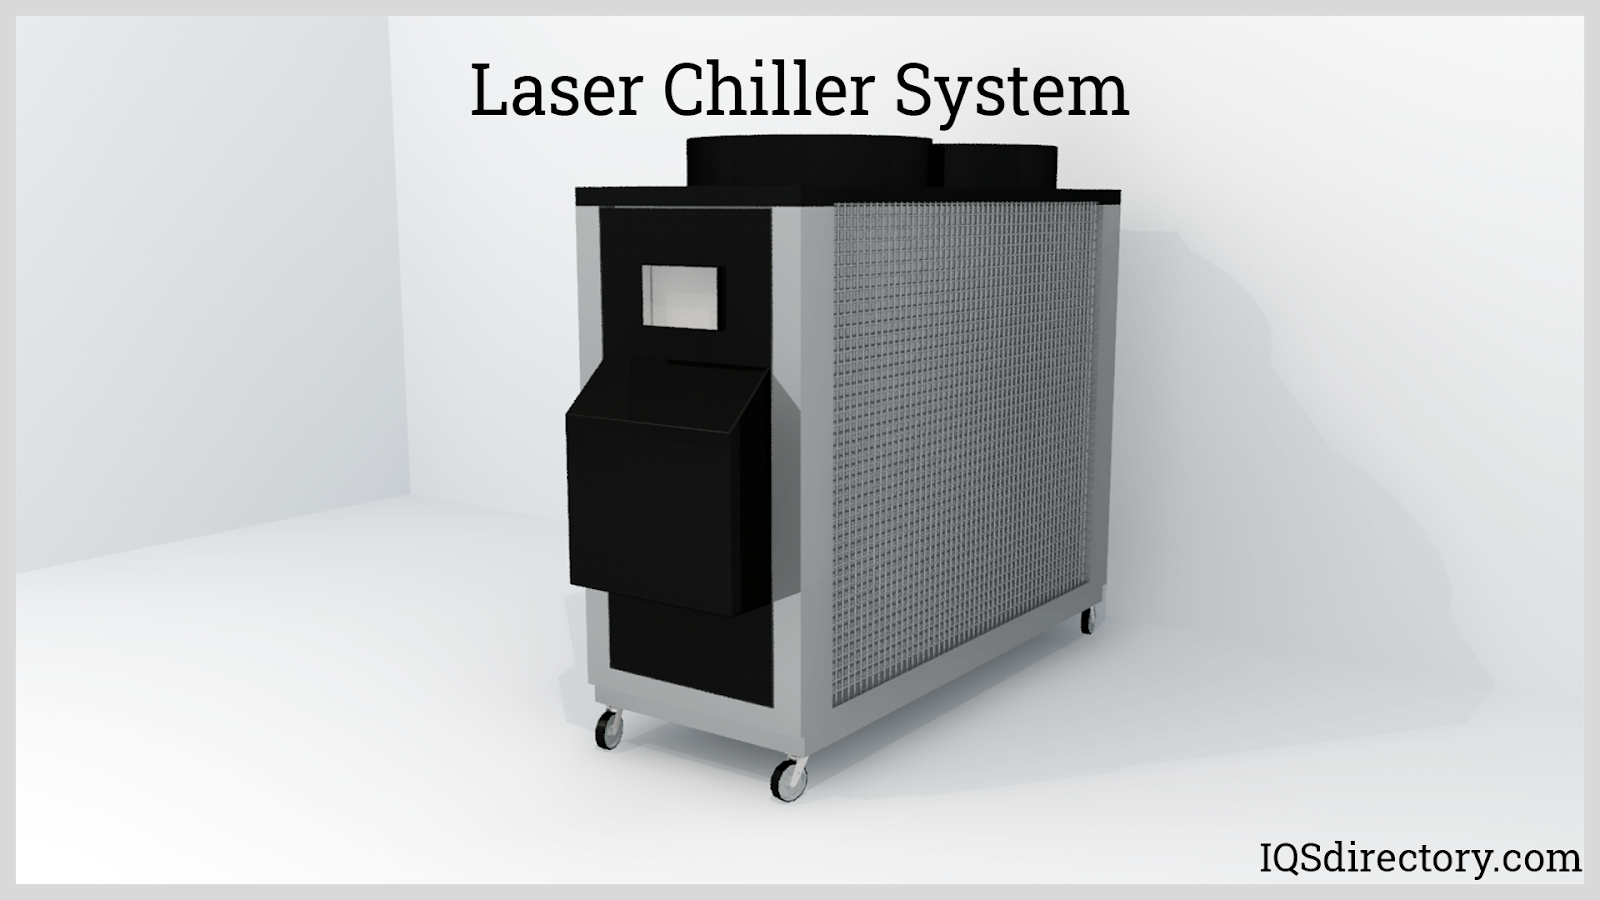 Laser Chiller System